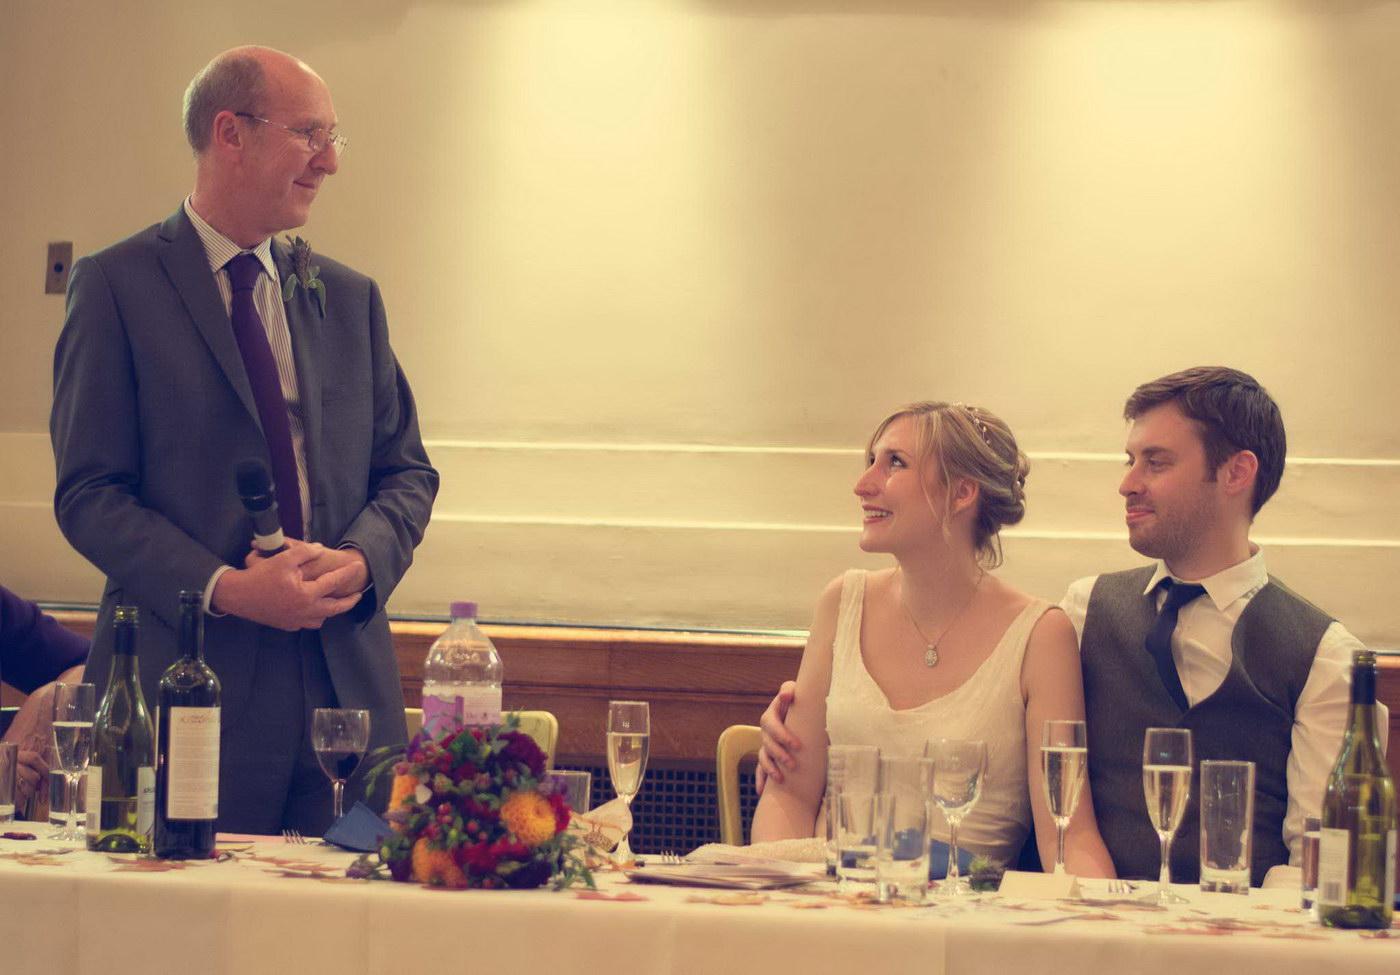 Despre discursul de nunta al tatalui miresei